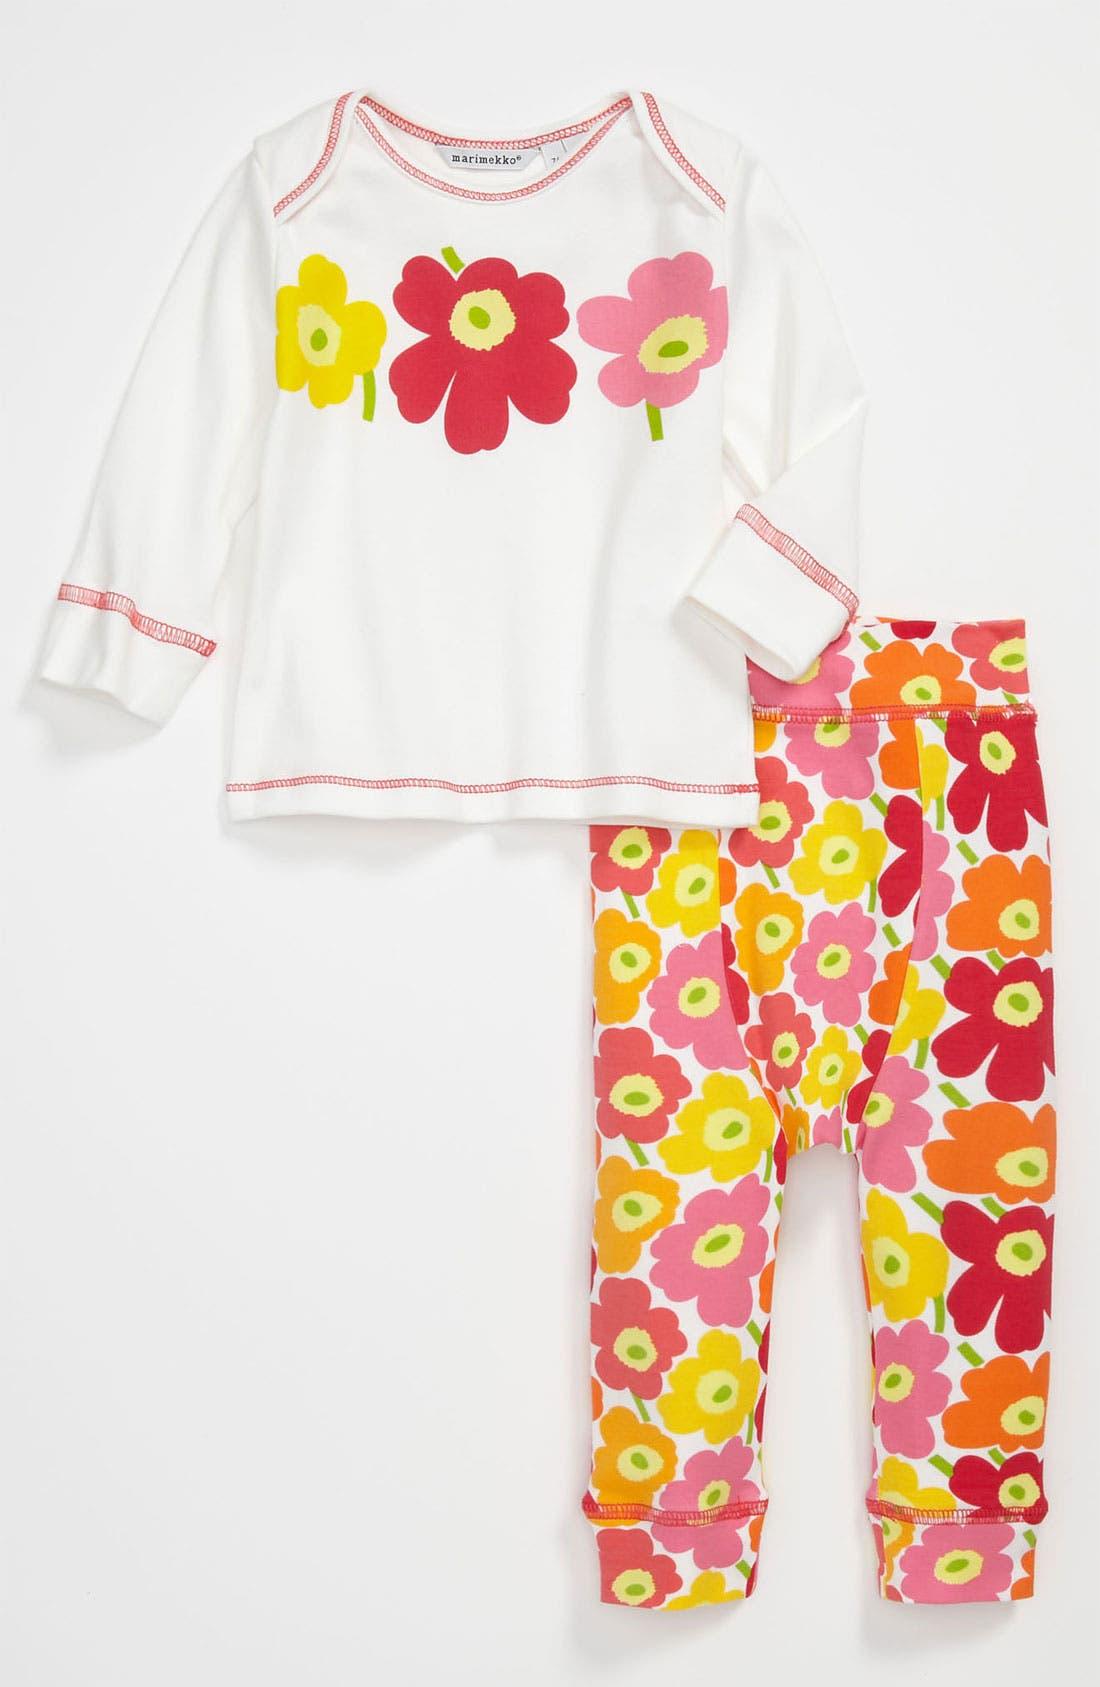 Main Image - Marimekko 'Unikko' Print Top & Leggings (Infant)